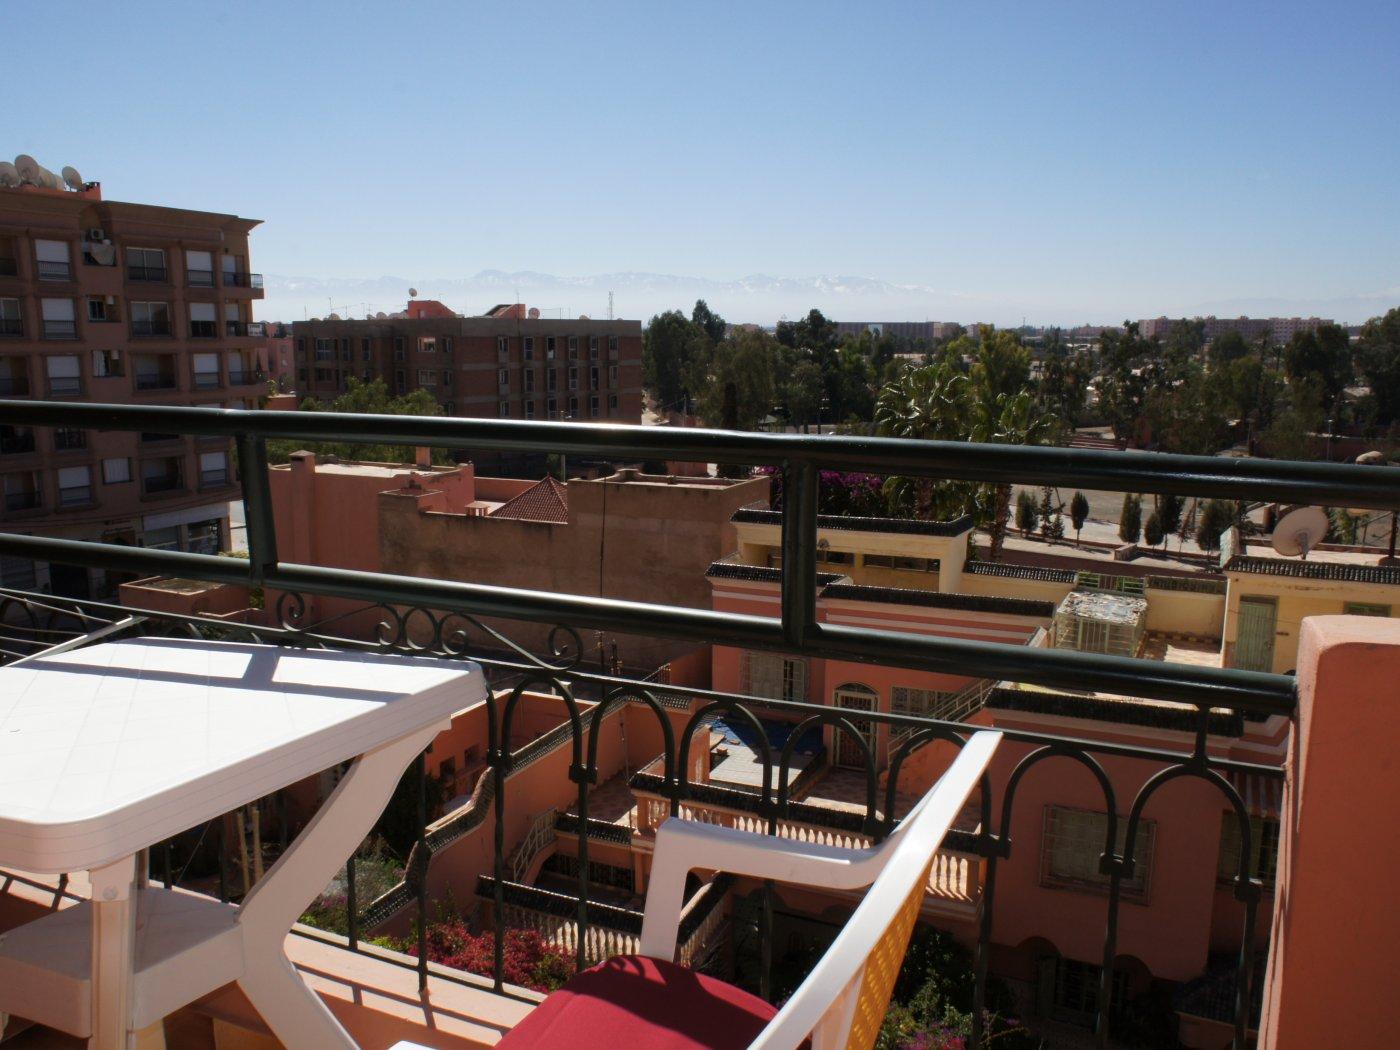 Location Appartement Pour Les Vacances A Marrakech Au Maroc